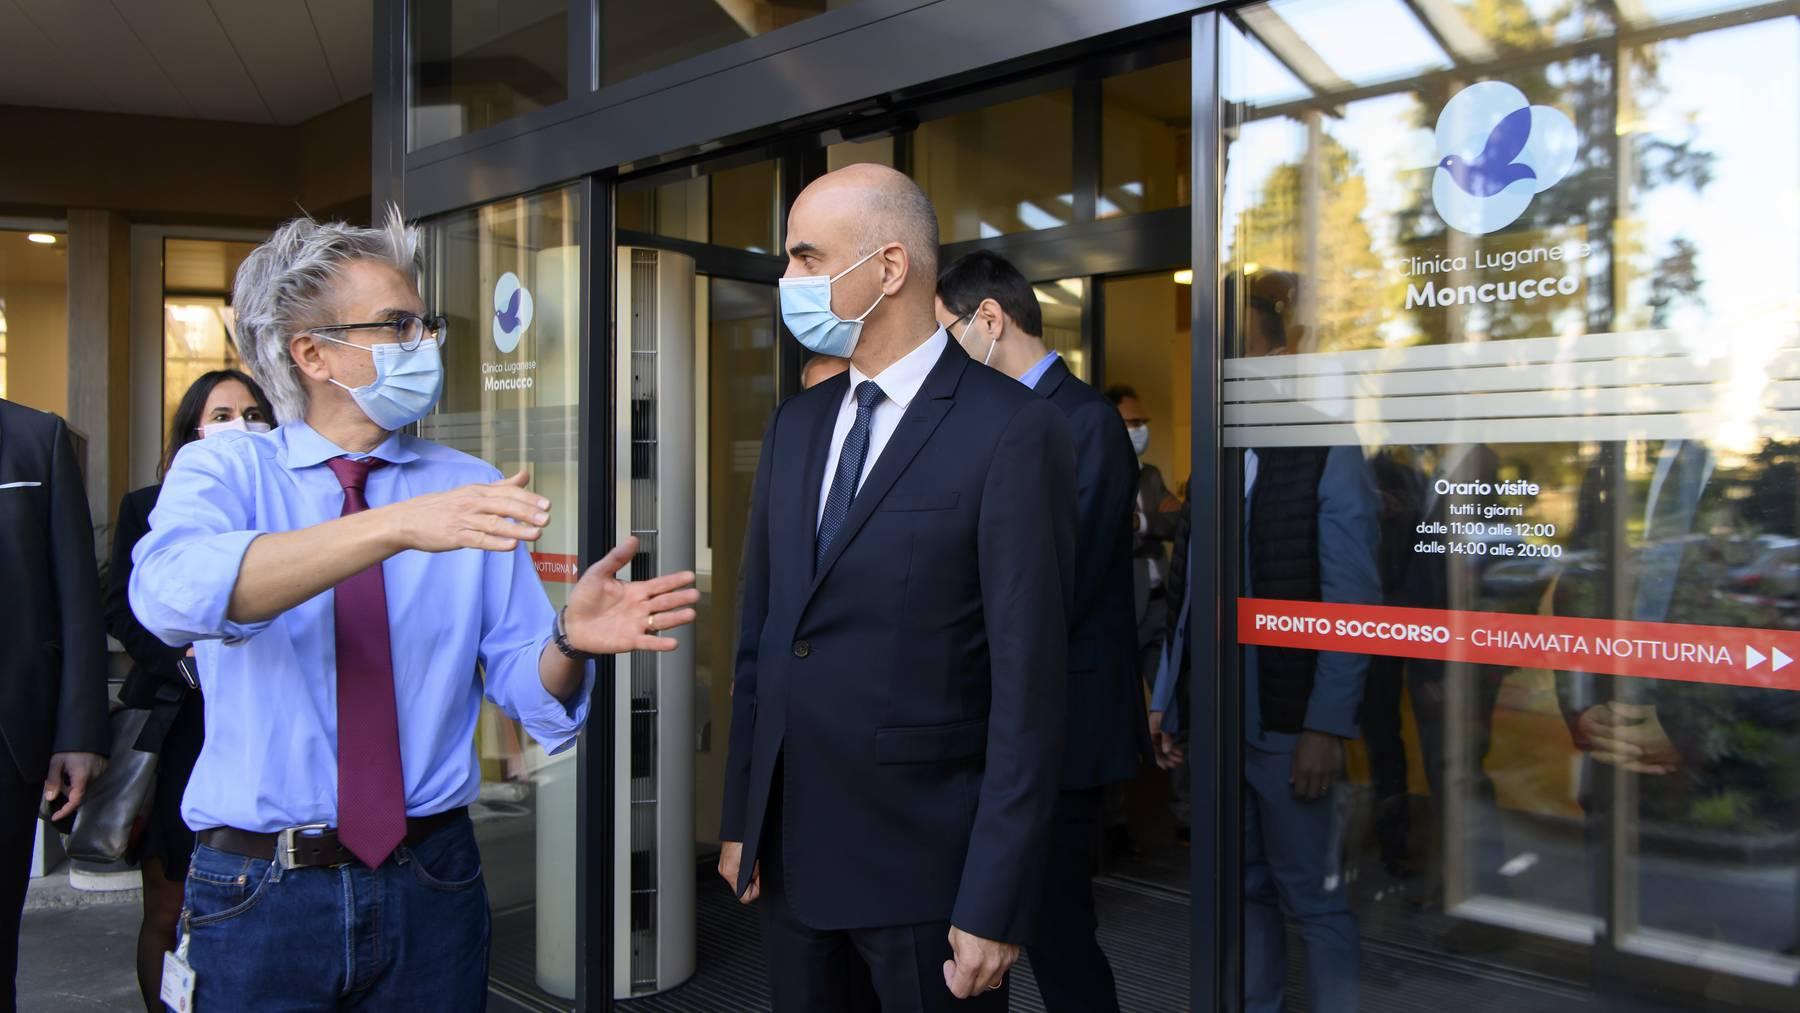 Alain Berset (r.) besuchte am Donnerstag unter anderem die Moncucco-Klinik in Lugano. Hier wurde der erste Coronapatient behandelt.